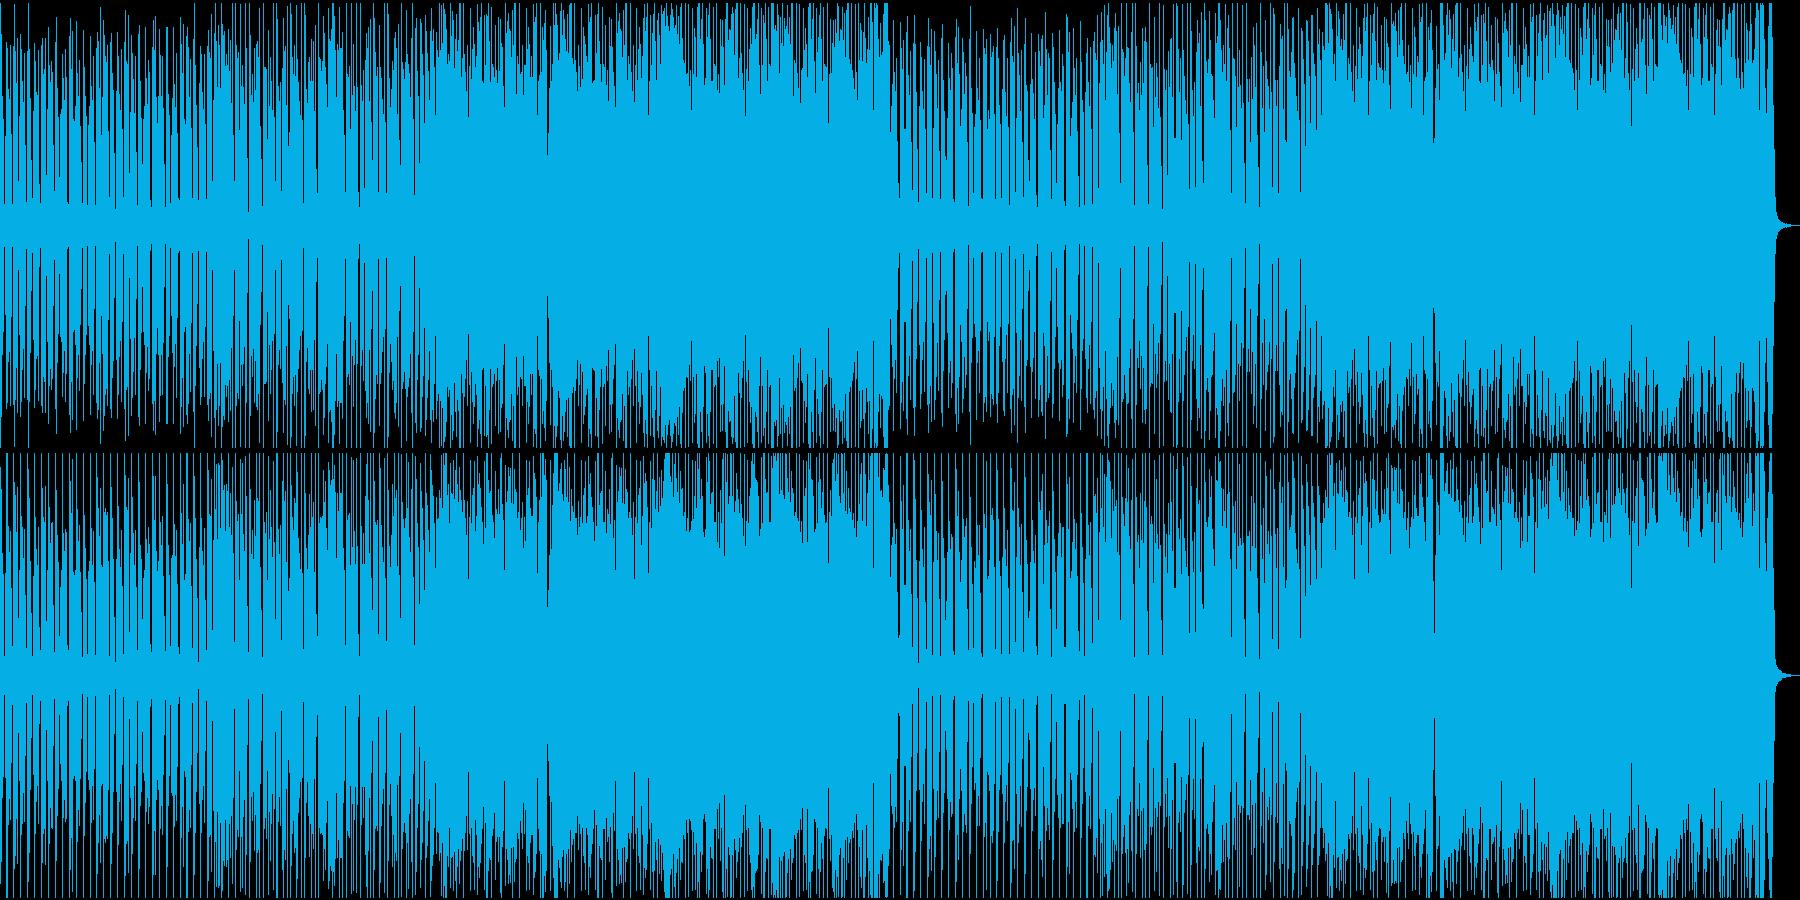 切迫したエレクトロの再生済みの波形